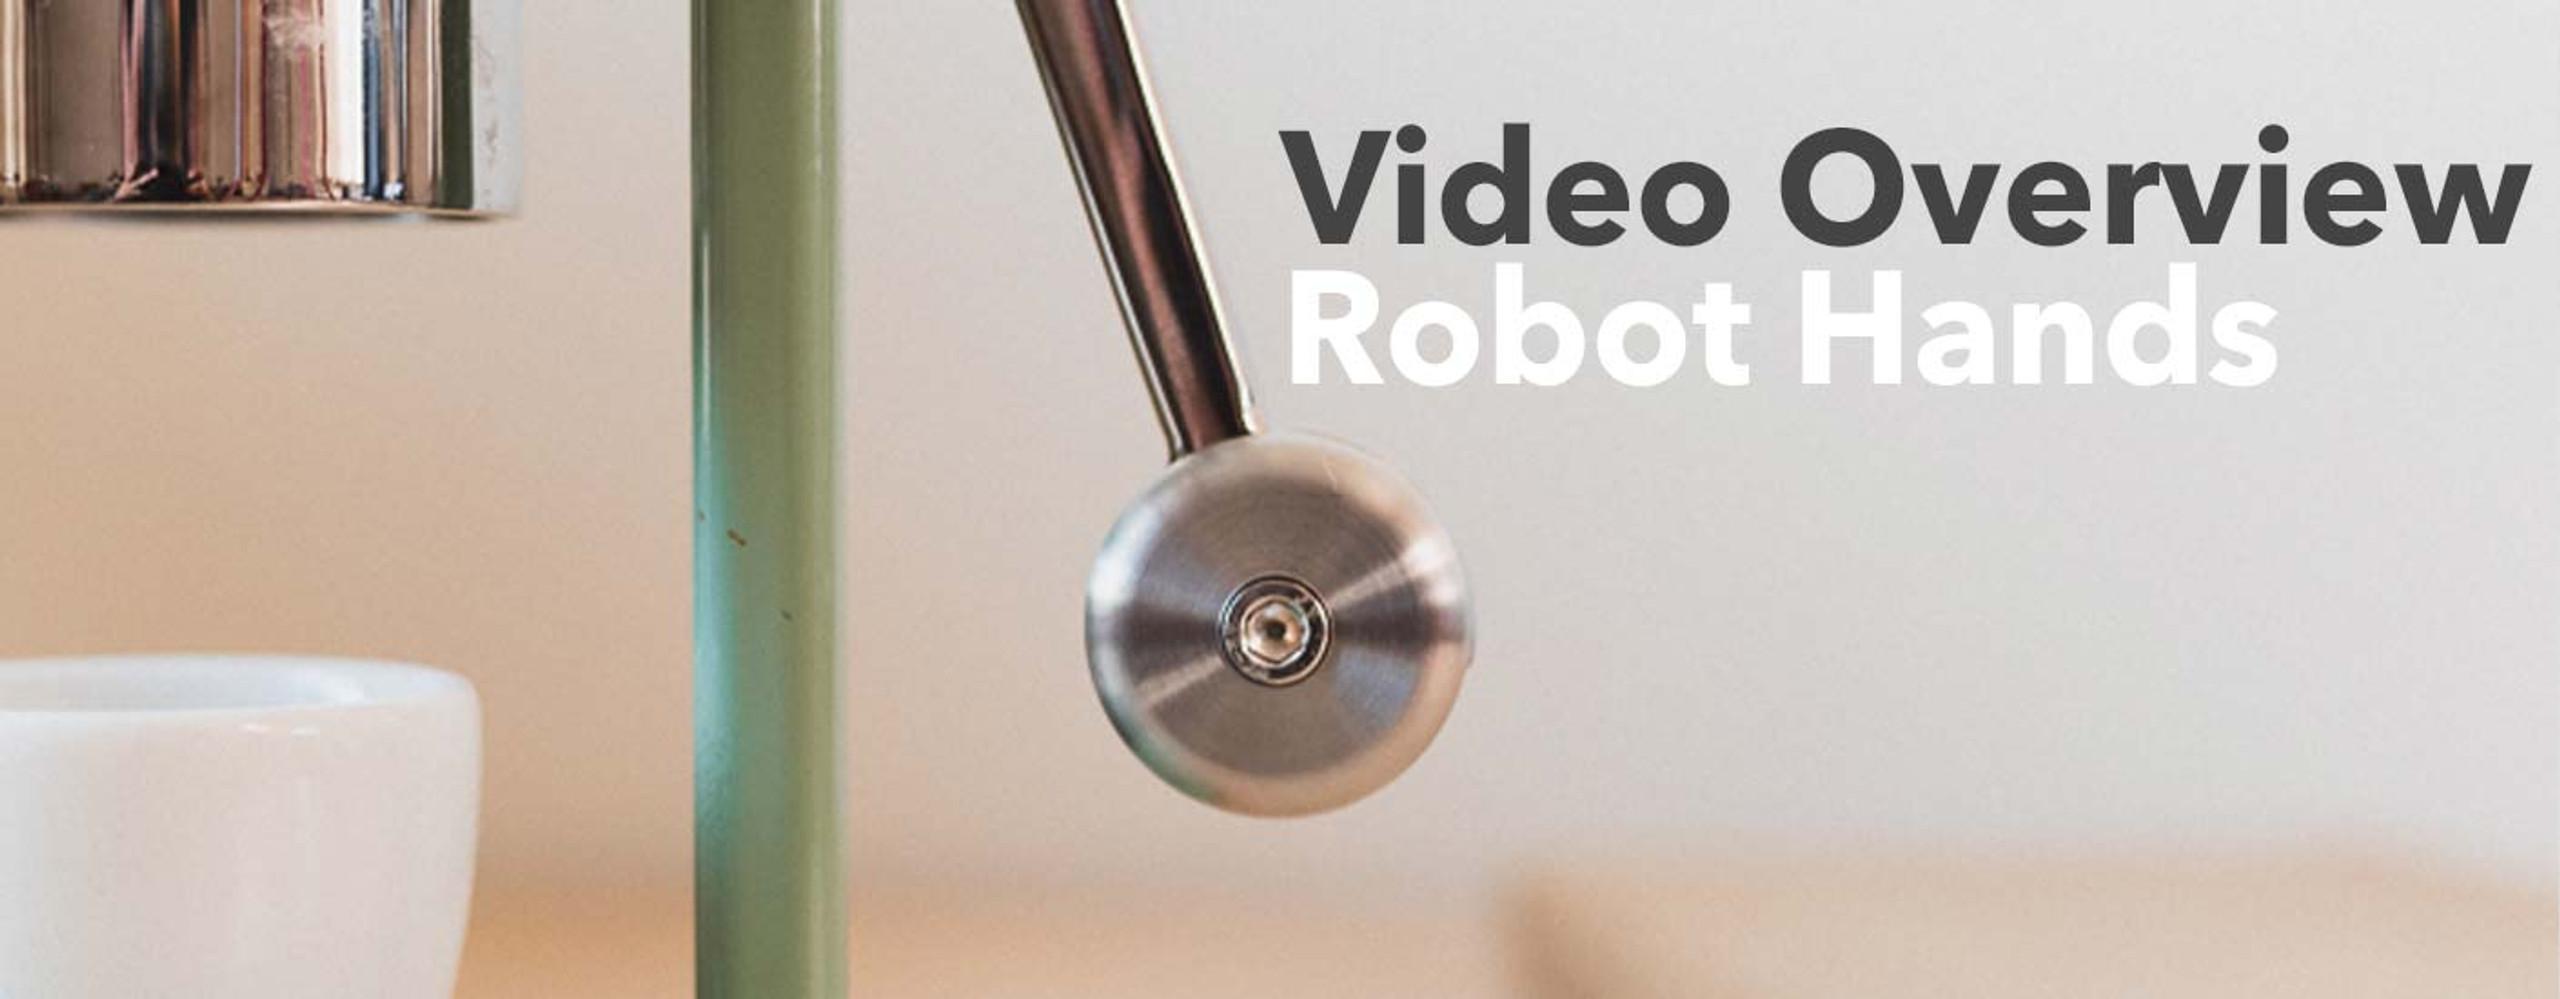 Robot Hands Overview